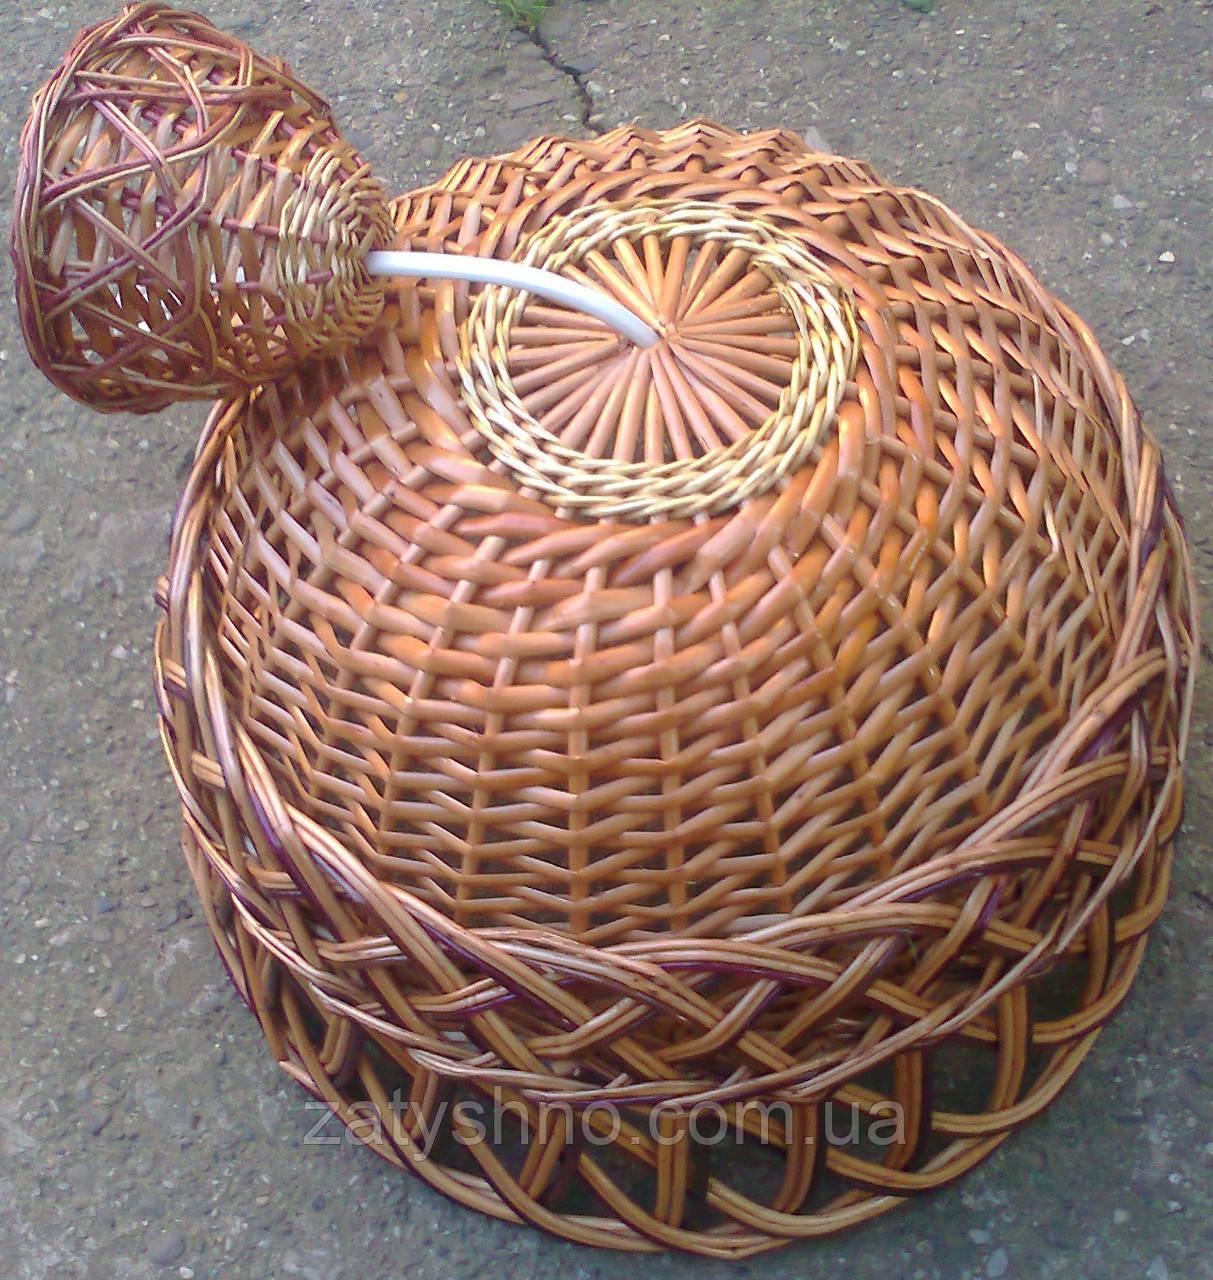 Плетение люстры из лозы своими руками